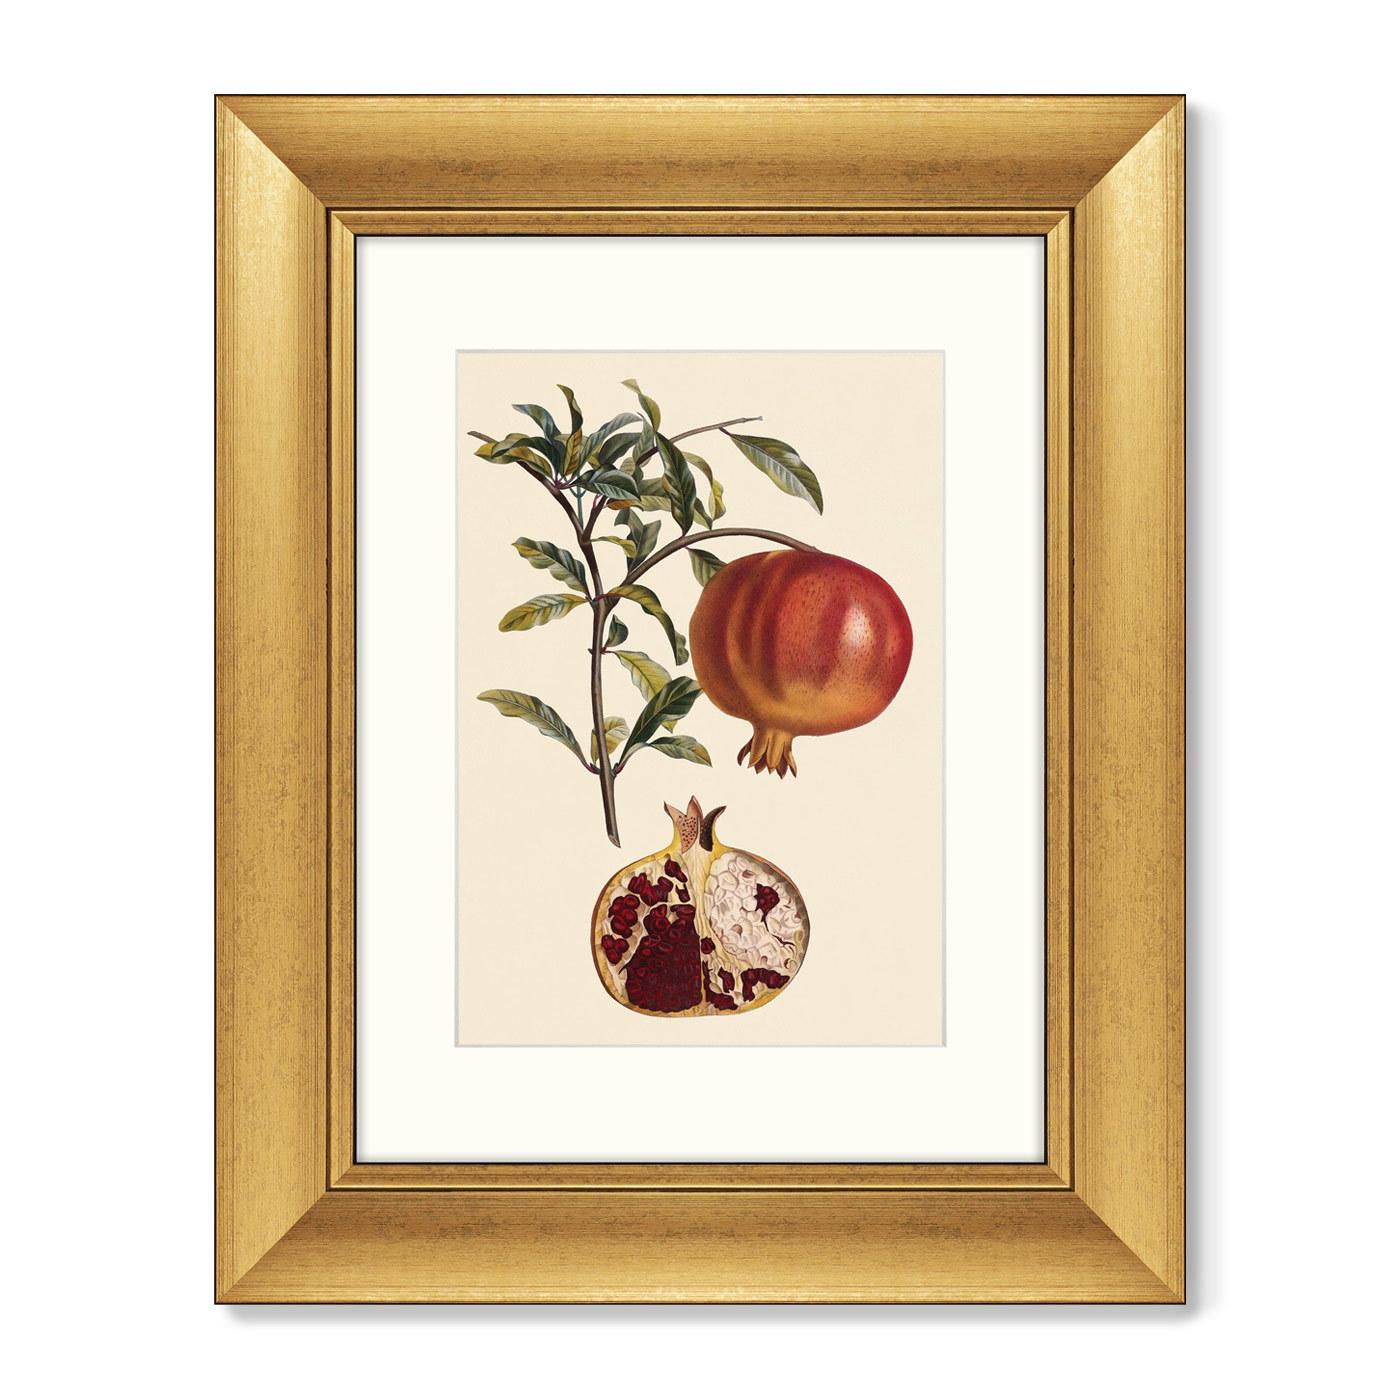 Диптих Juicy fruit lithography №10, 1870г. (из 2-х картин)